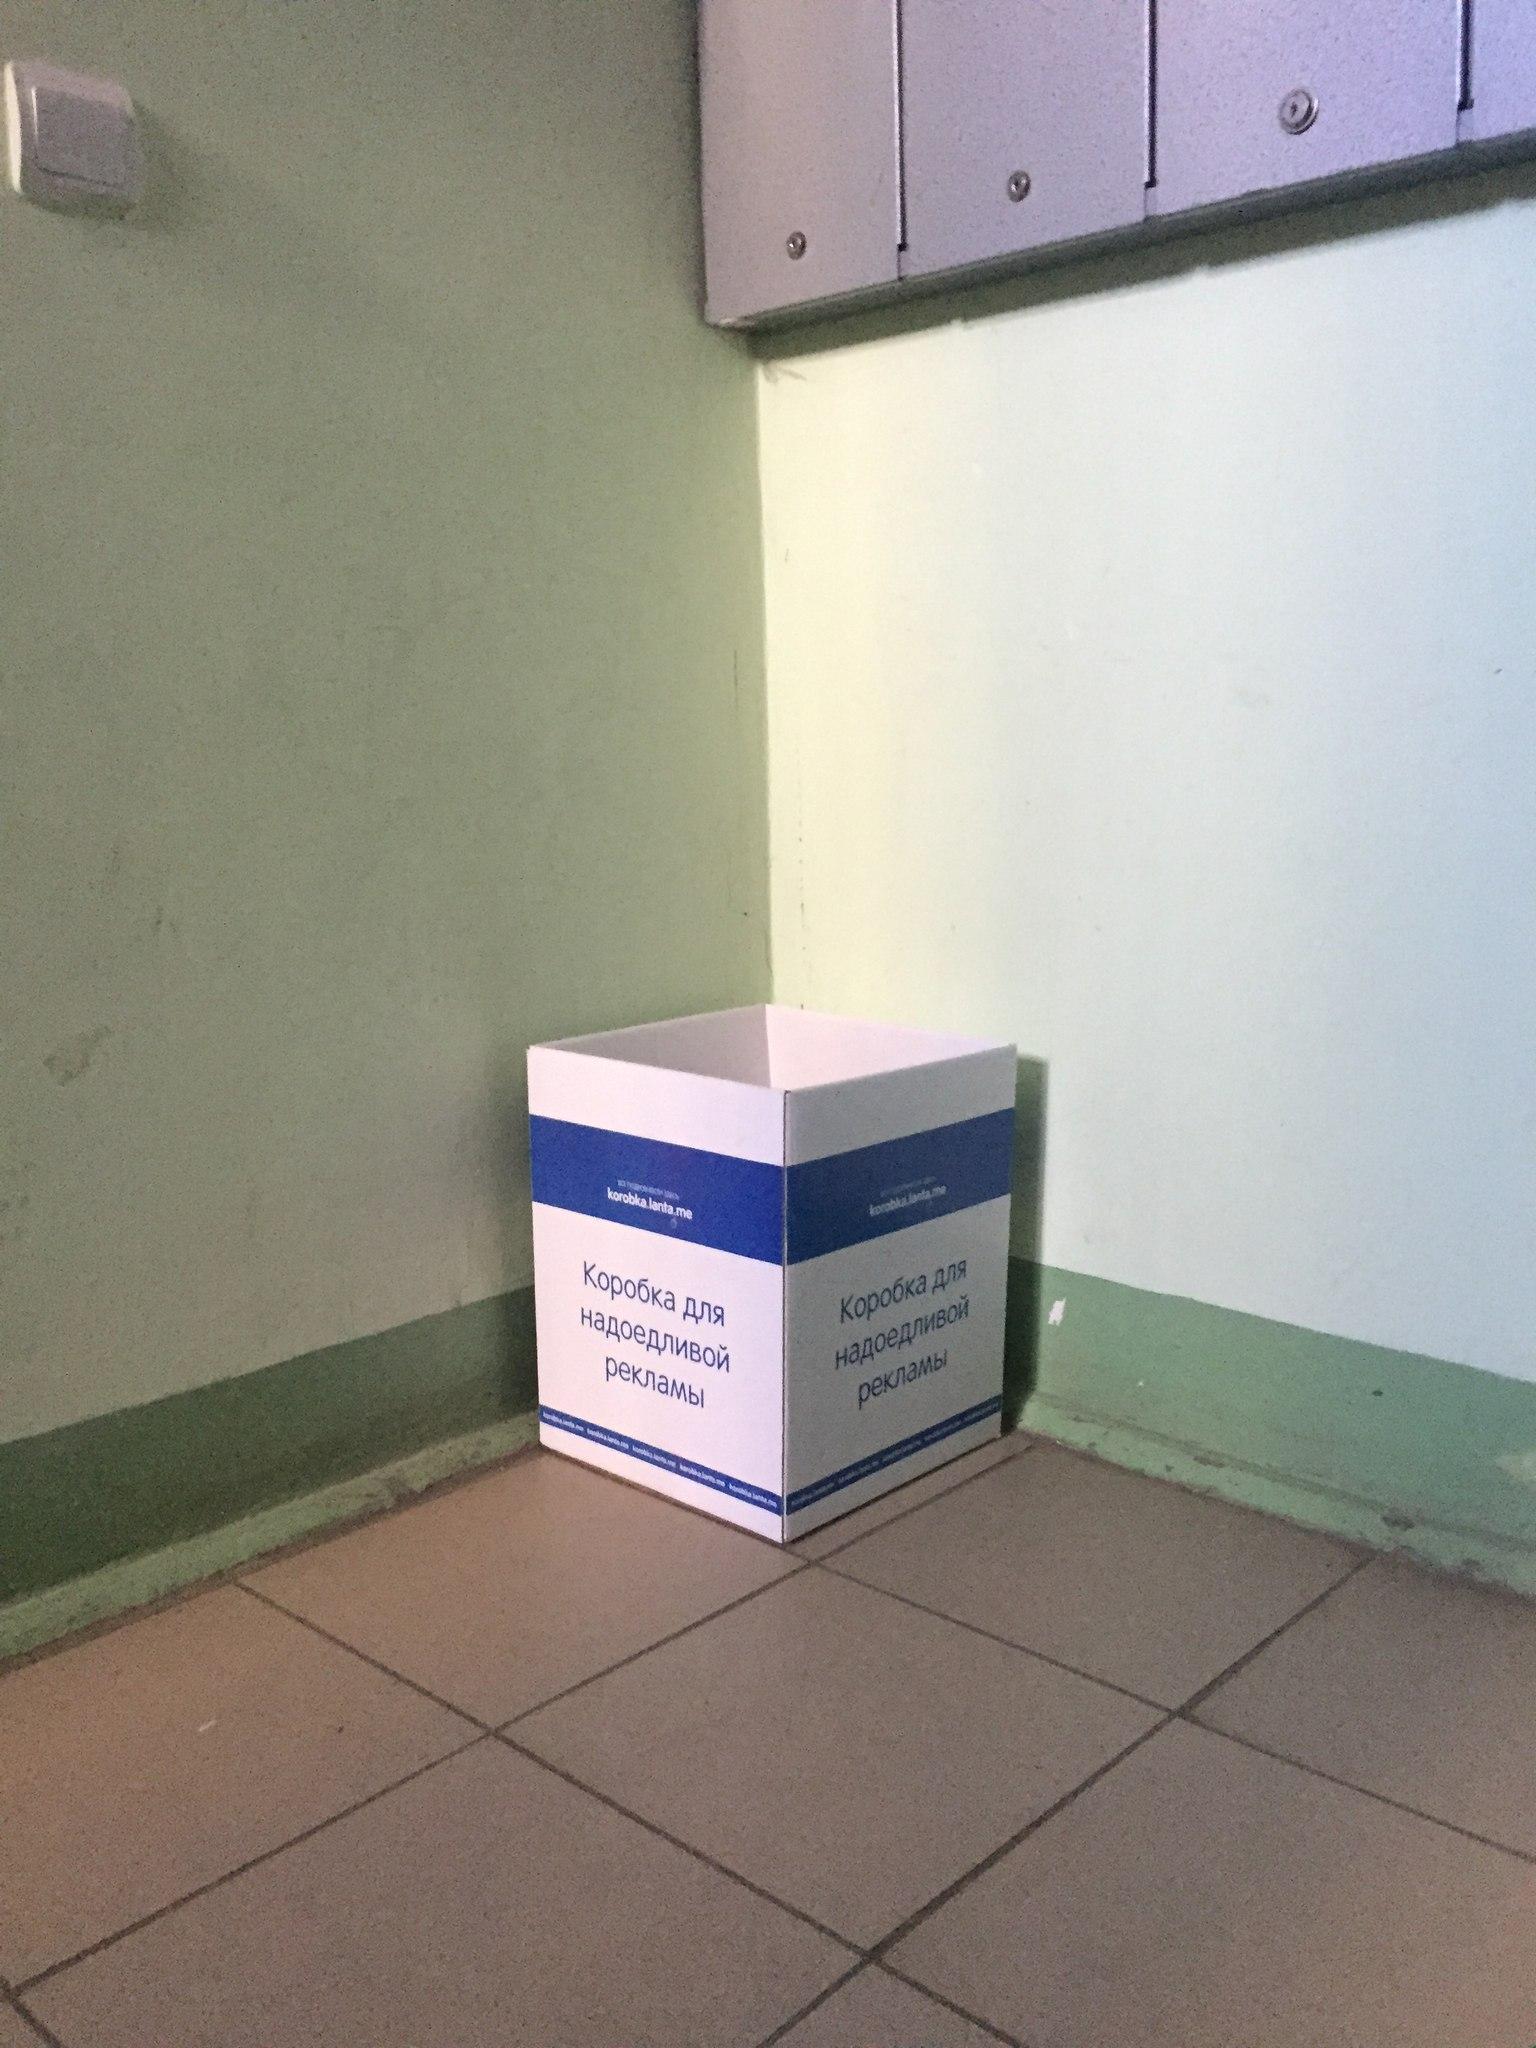 Коробка для мусора